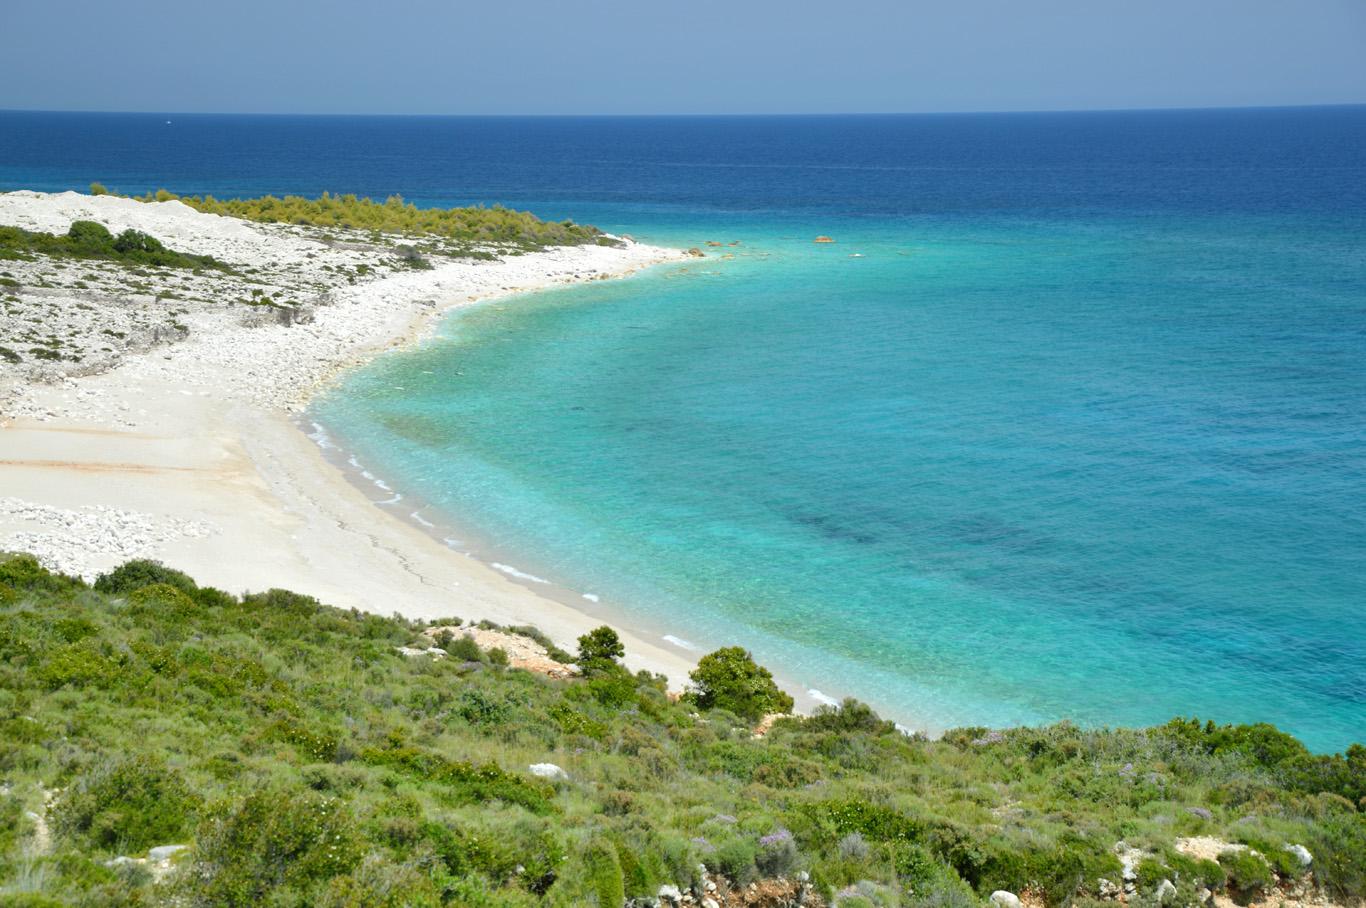 Beautiful, unspoiled coast